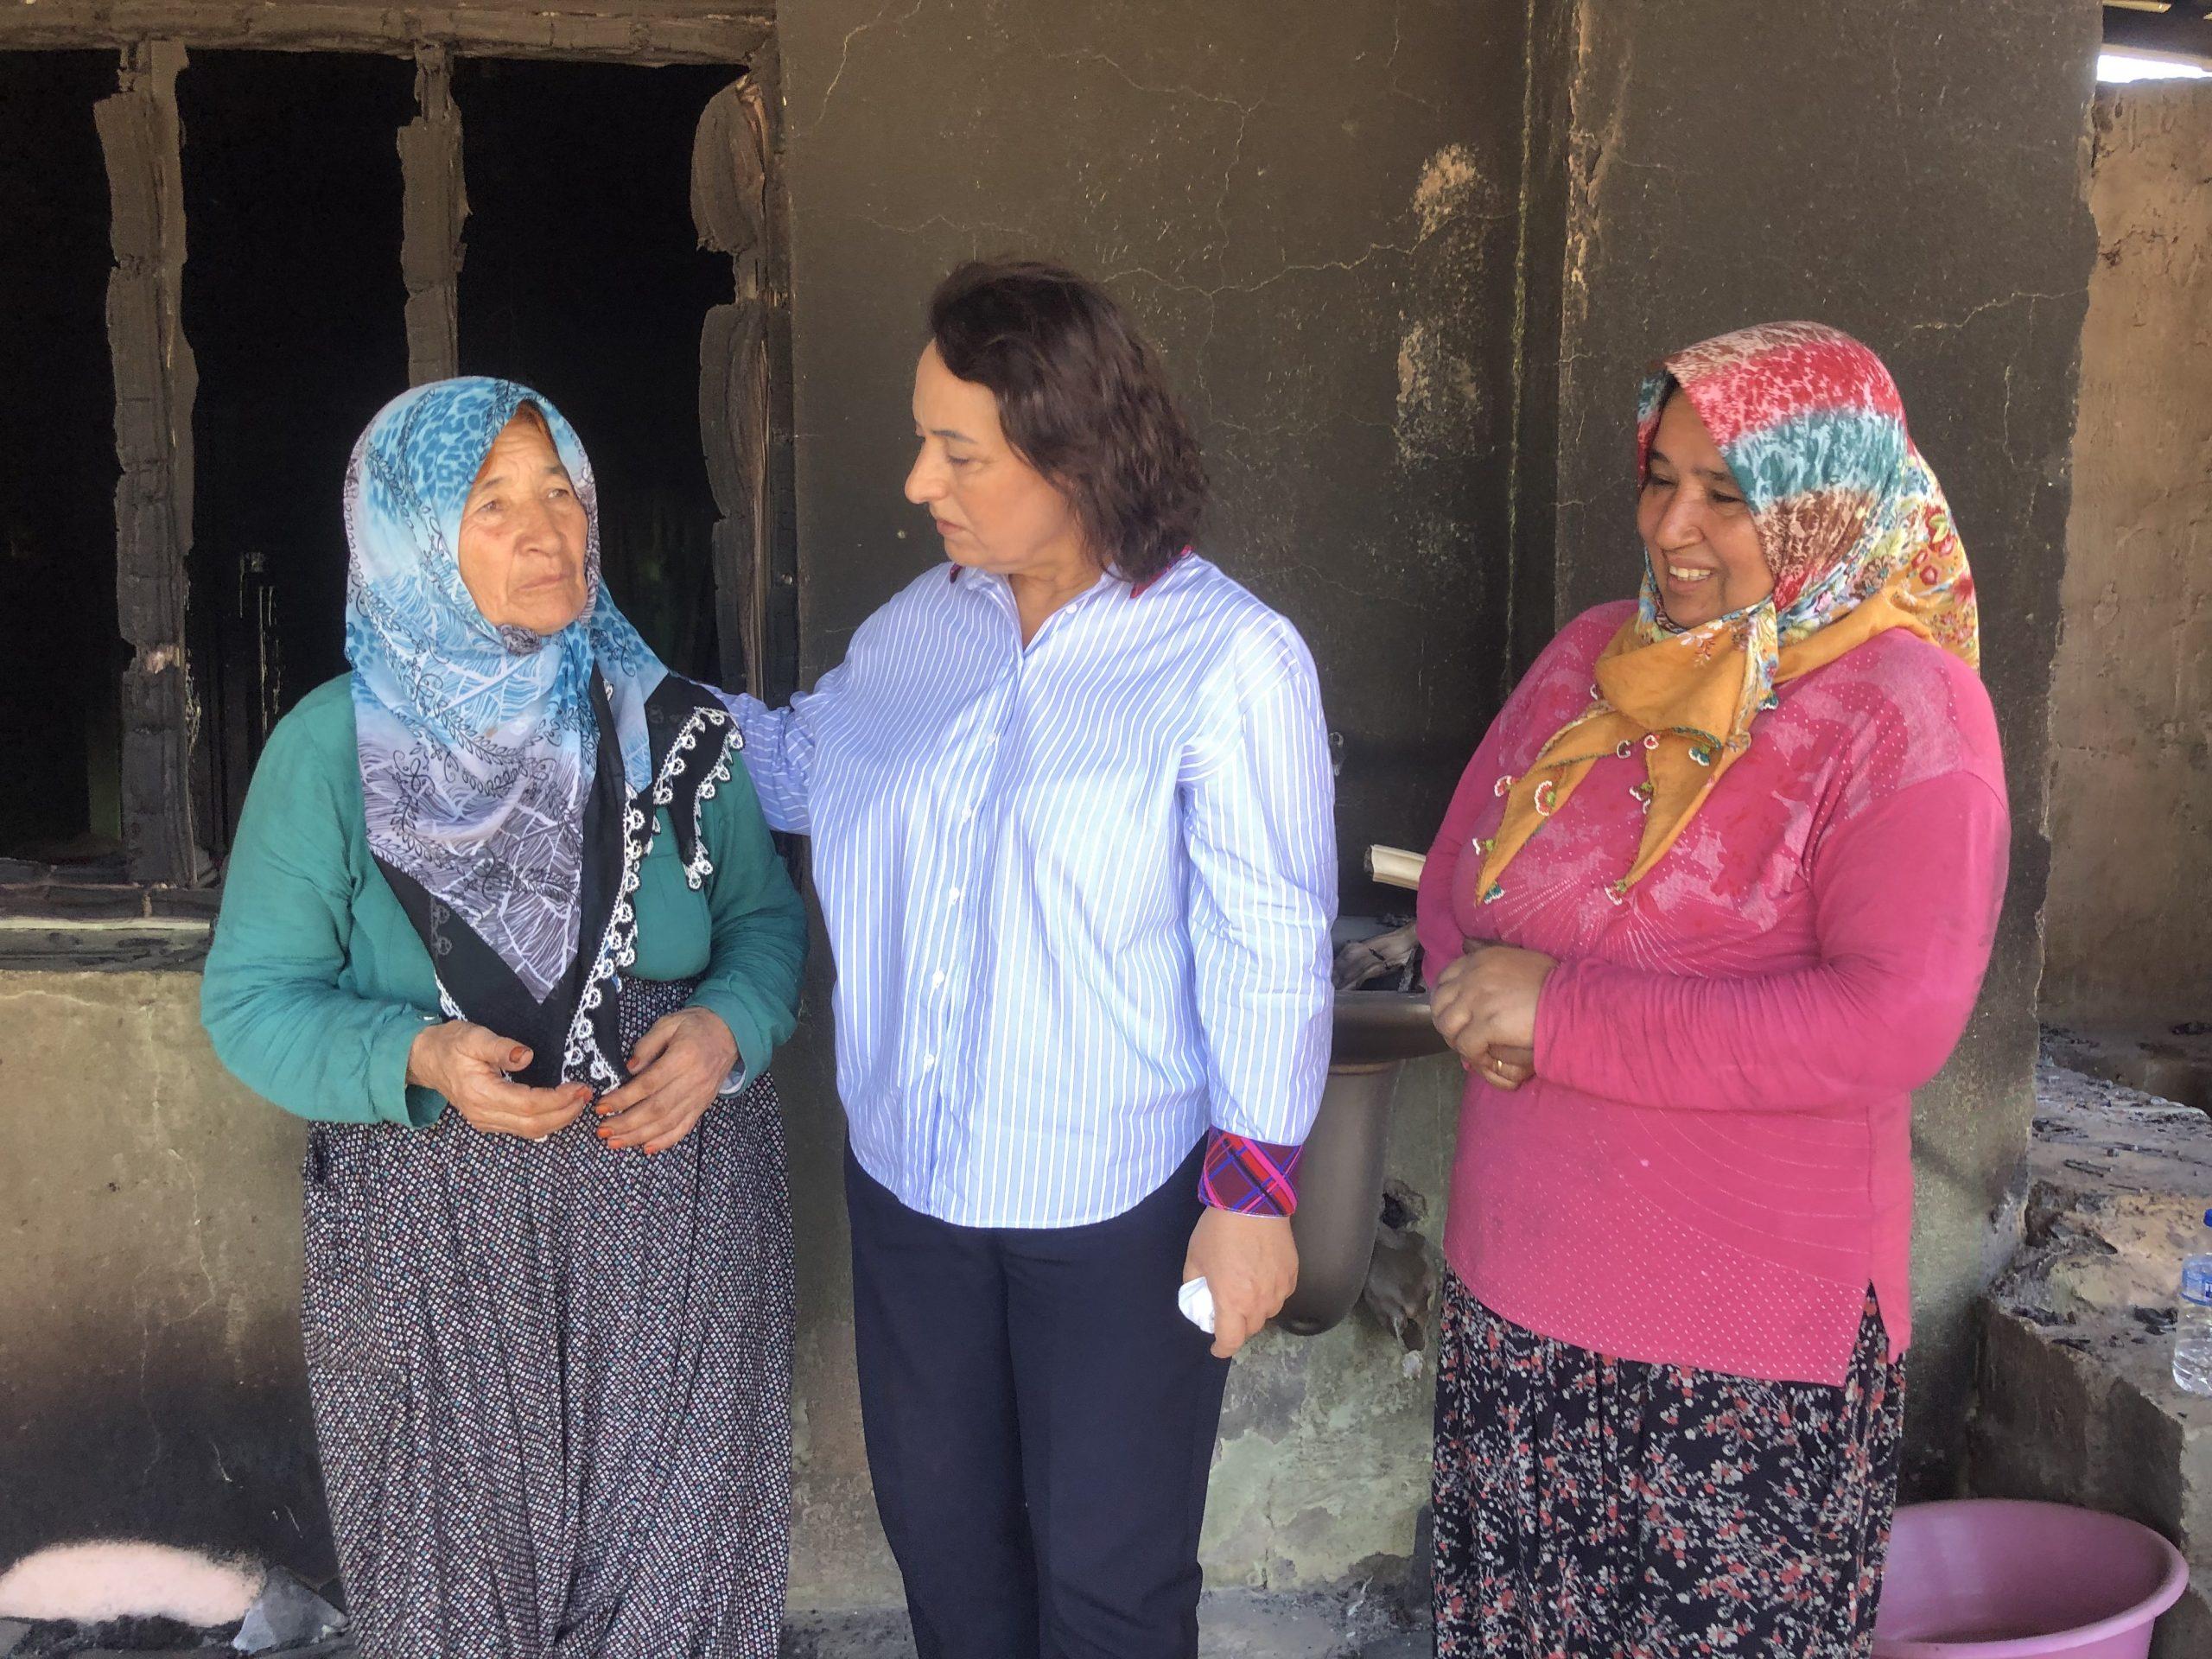 ŞEVKİN yangın Bölgesinde Bölge kadınlarla görüştü